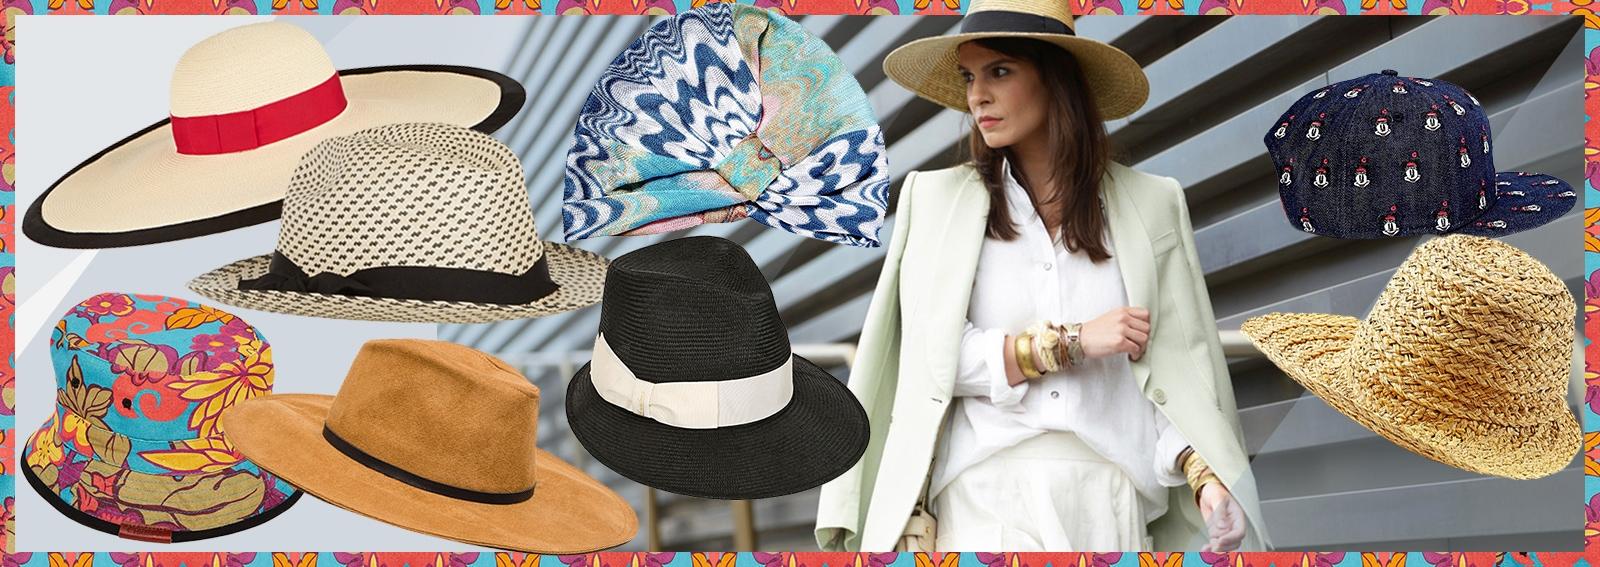 cover cappelli estivi 2015 desktop